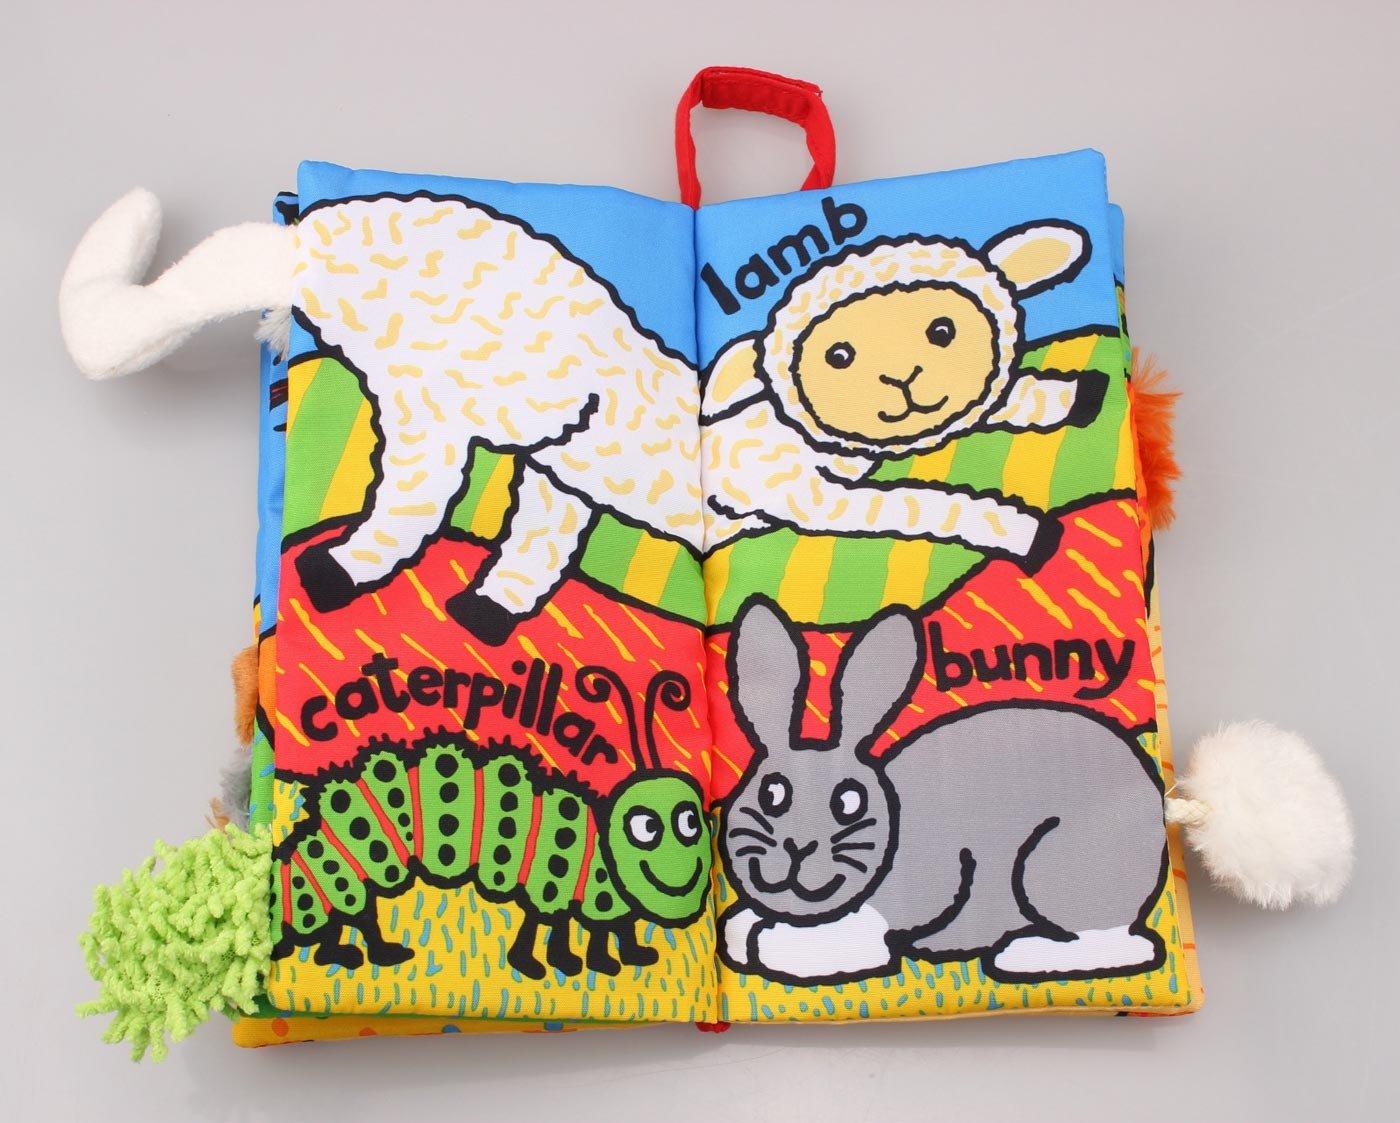 5 Juguete Libro Blando para Beb/és de Actividad Educativo Peluche Infantil Multifuncional Libro de Pa/ño Animal Jollybaby